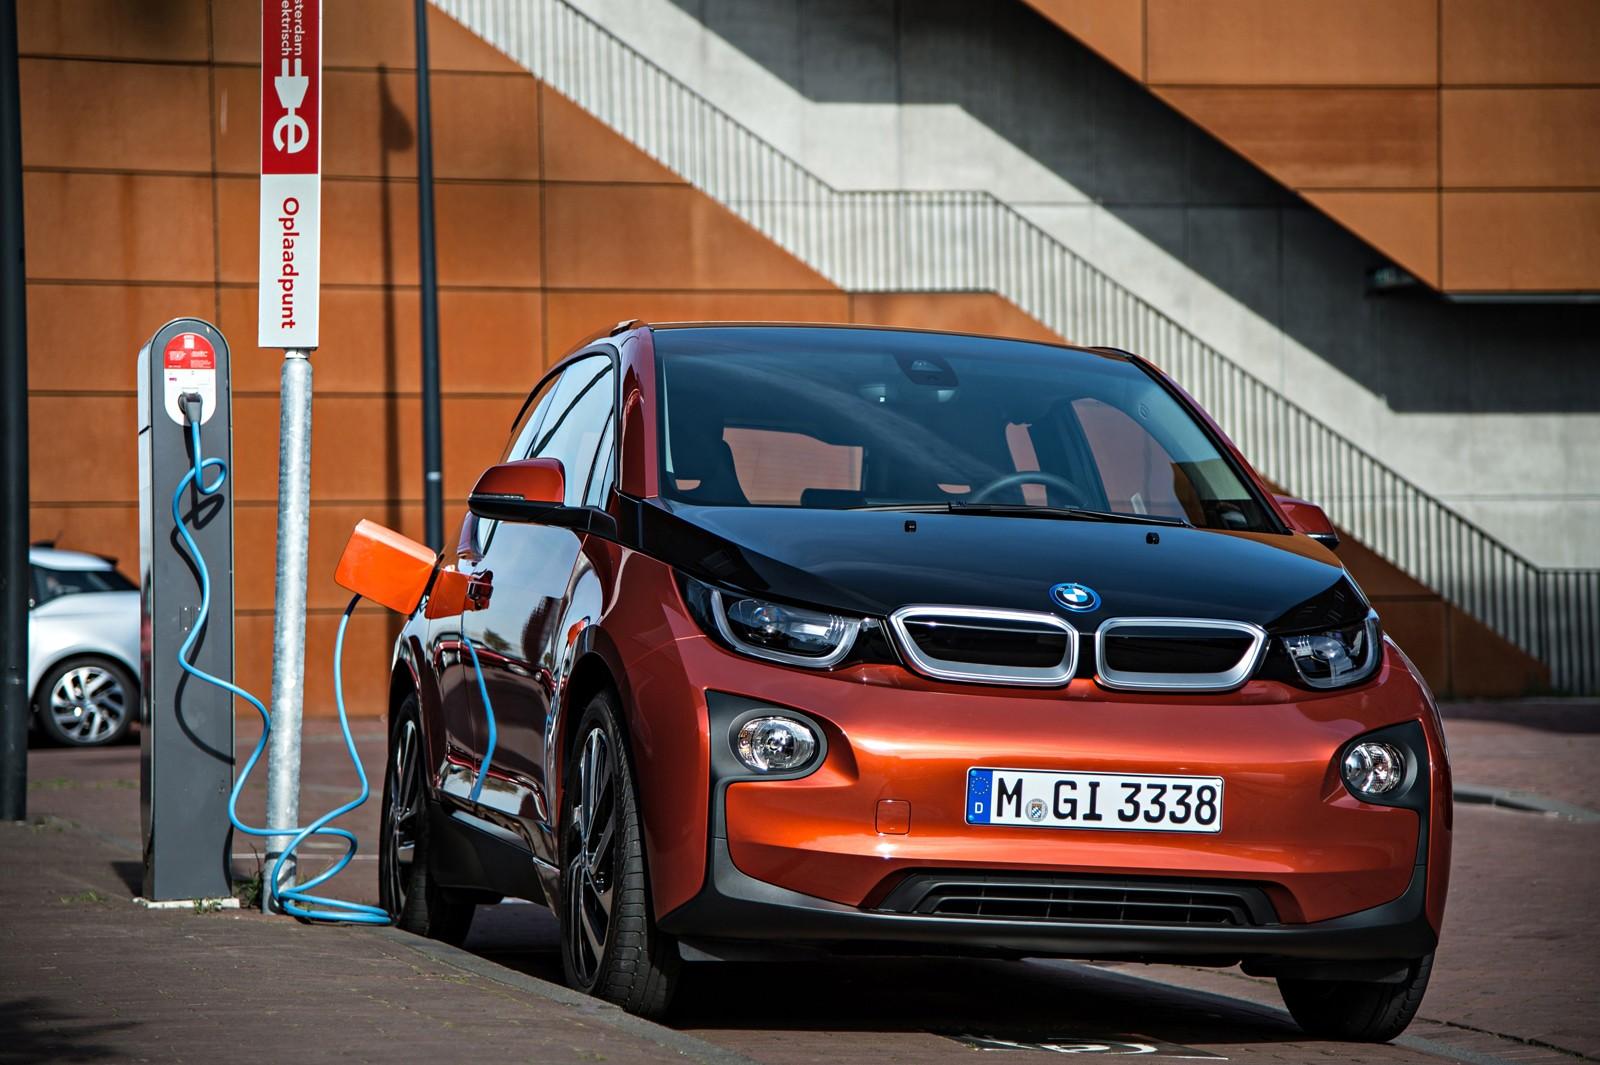 Авито Авто: продажи электромобилей на вторичном авторынке растут